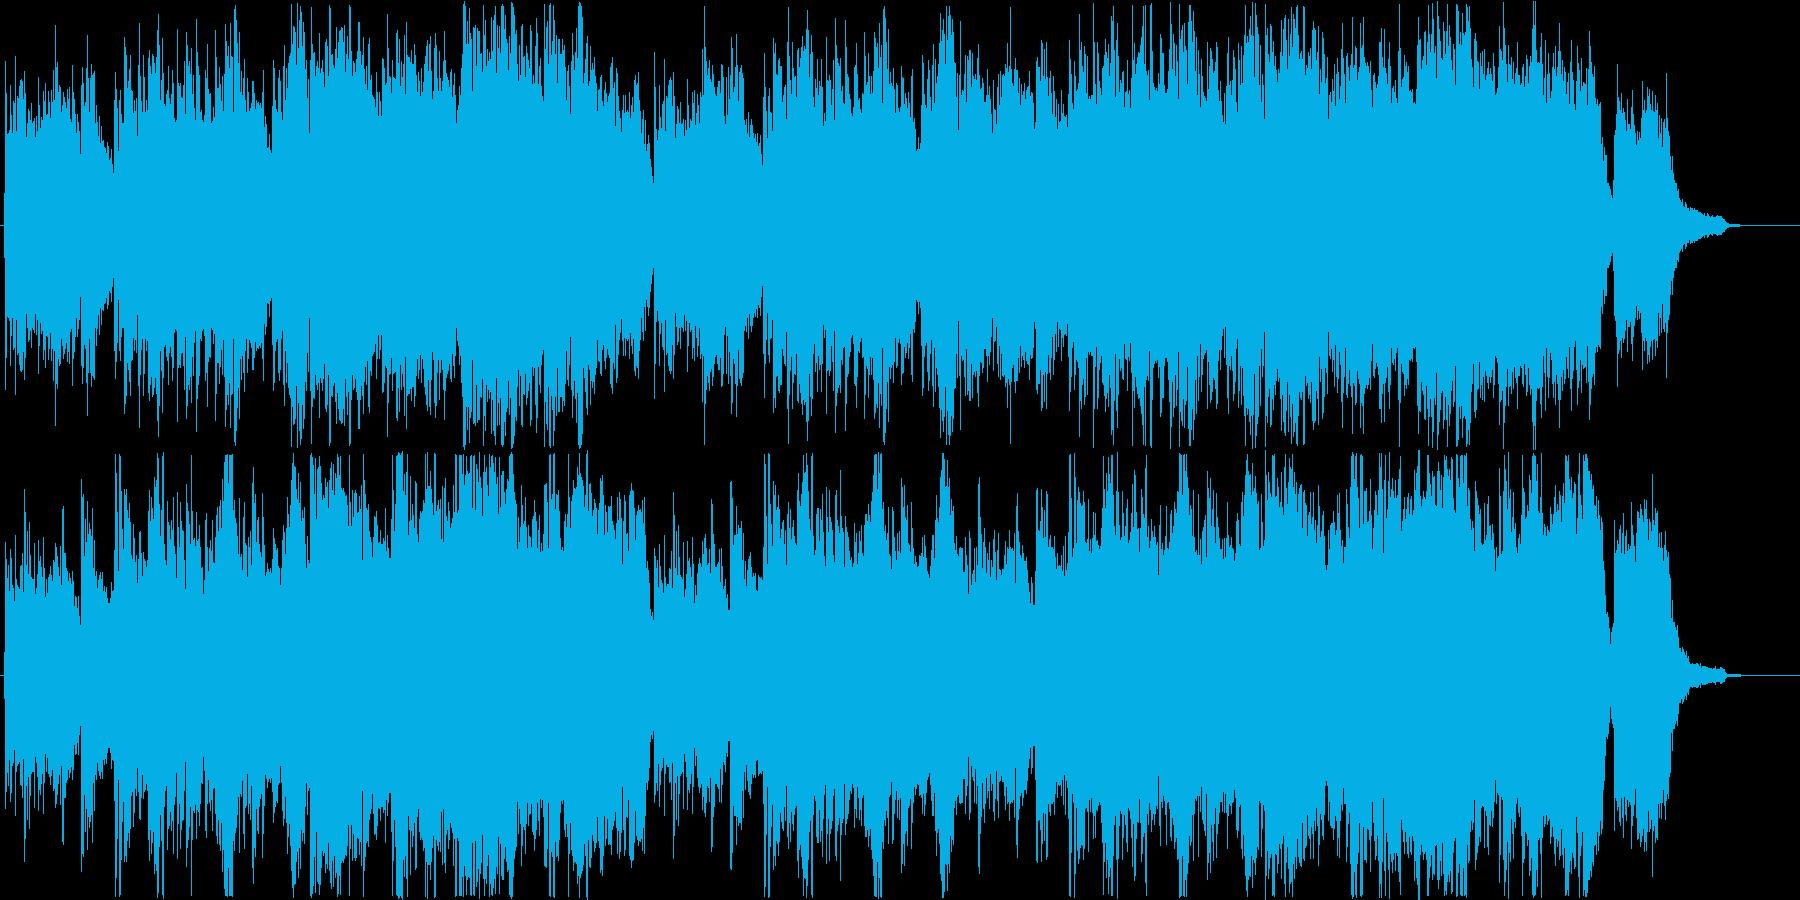 ドキュメンタリー旅紀行風(ドラムなし)の再生済みの波形